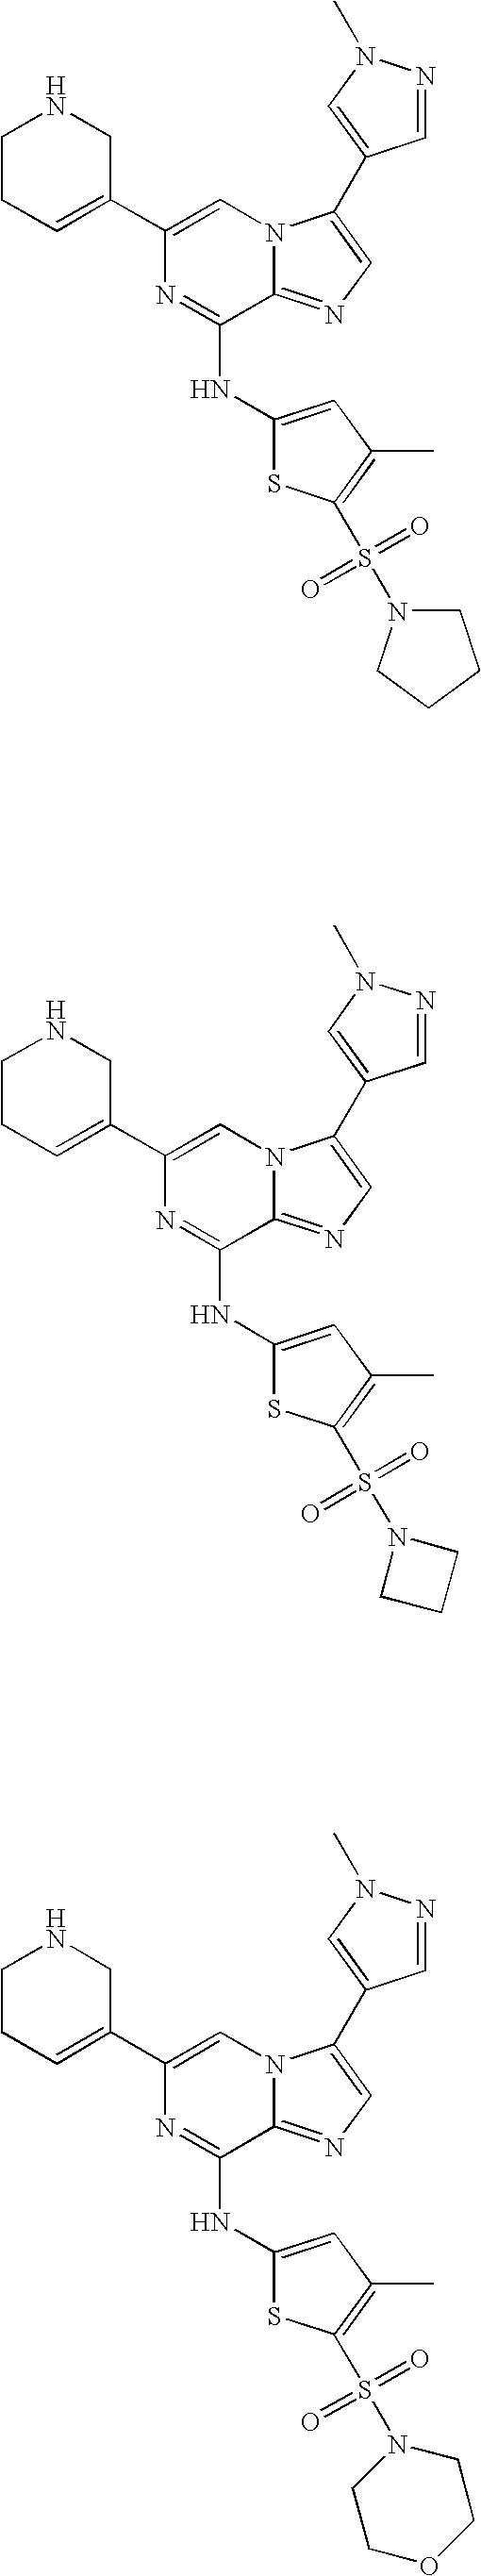 Figure US20070117804A1-20070524-C00073